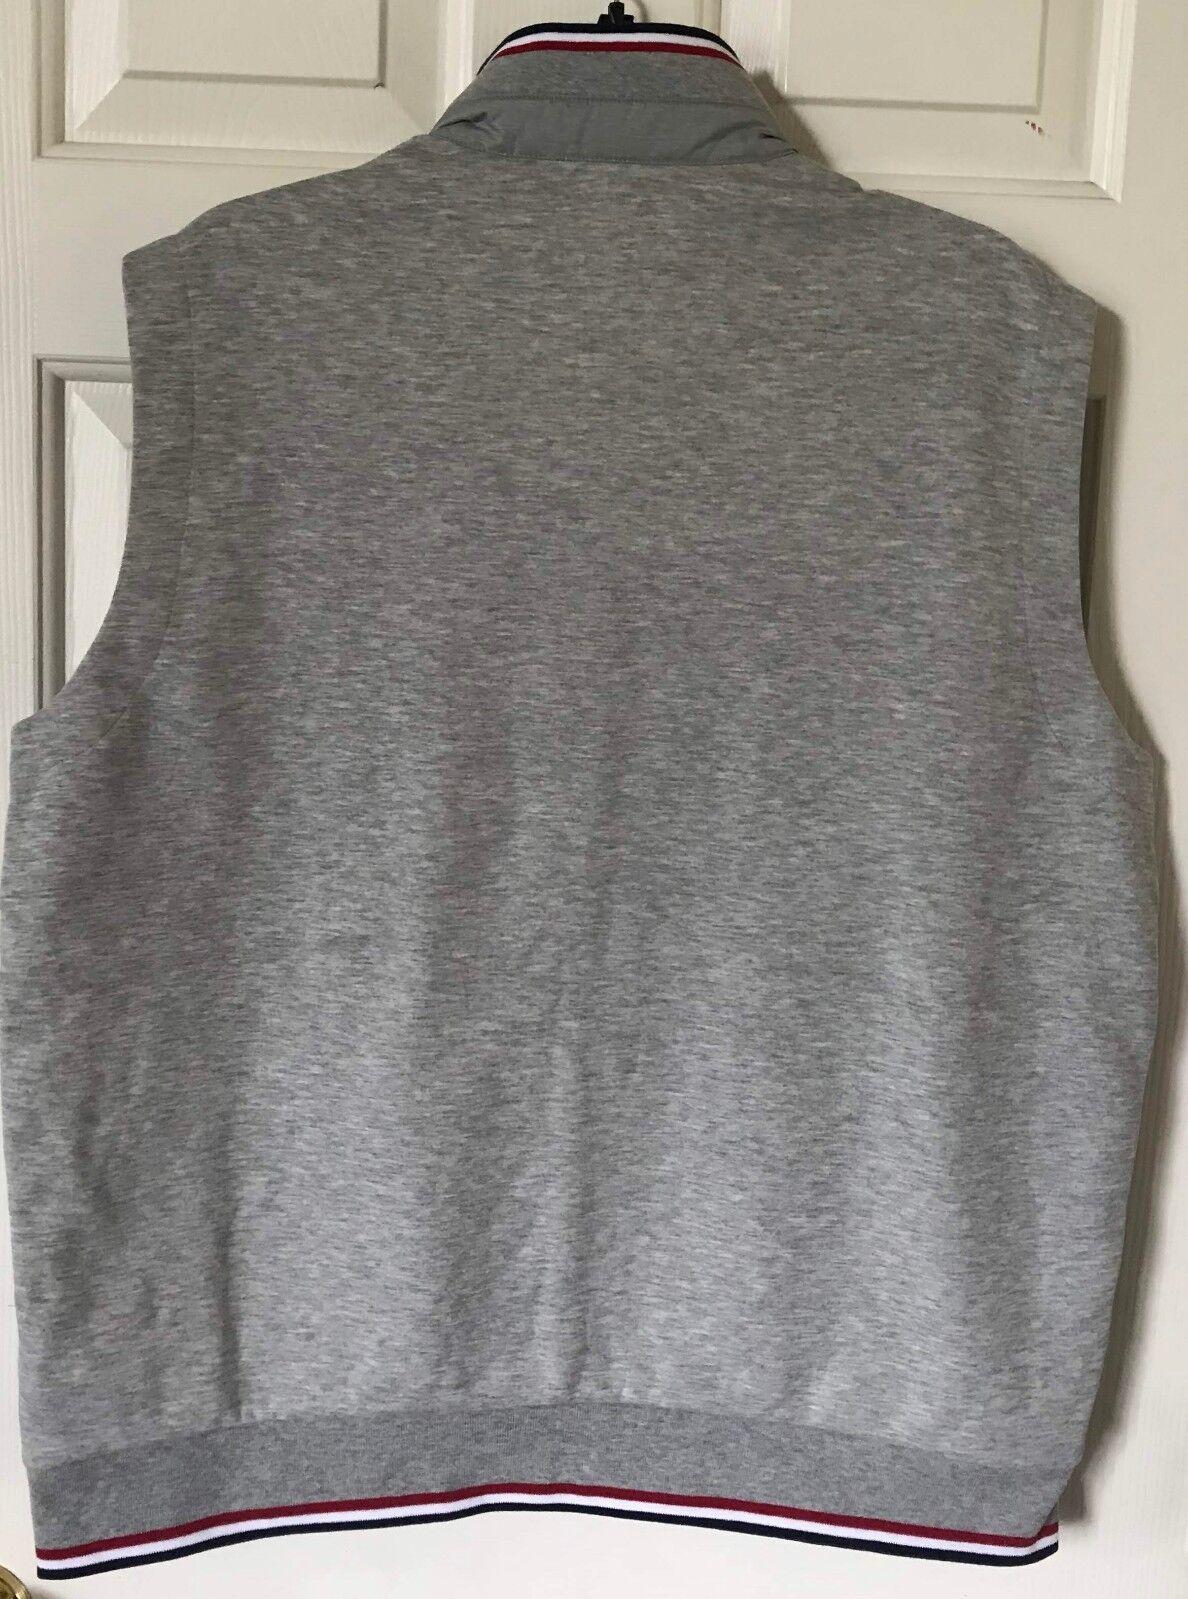 ... 145 NWT Herren Polo Ralph Lauren Performance Down Panel Double Double  Panel Knit Vest grau M L ... 3fa728a09e